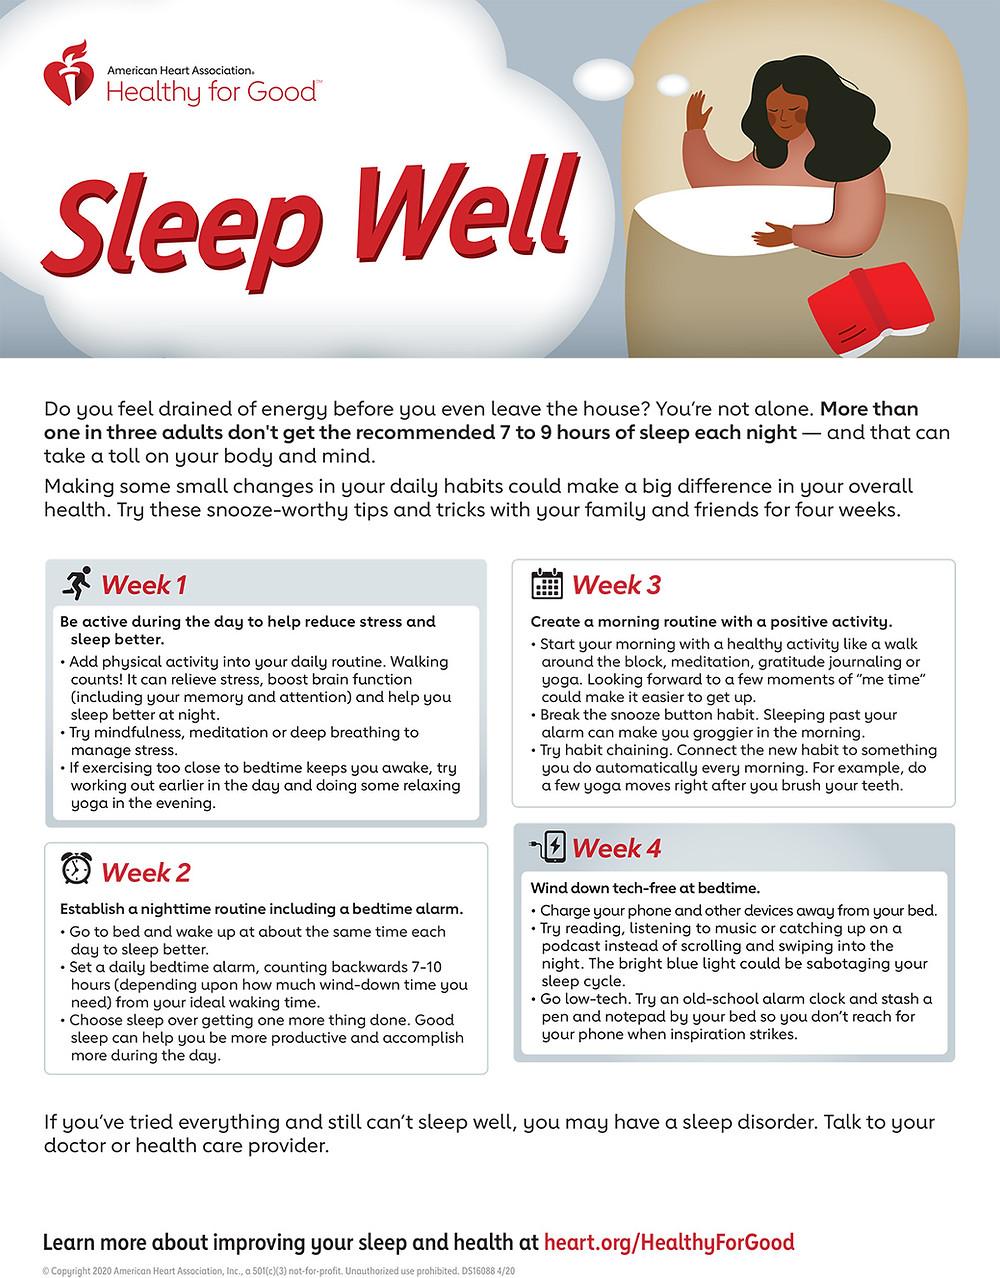 sleep well infographic from heart.org - mizpah